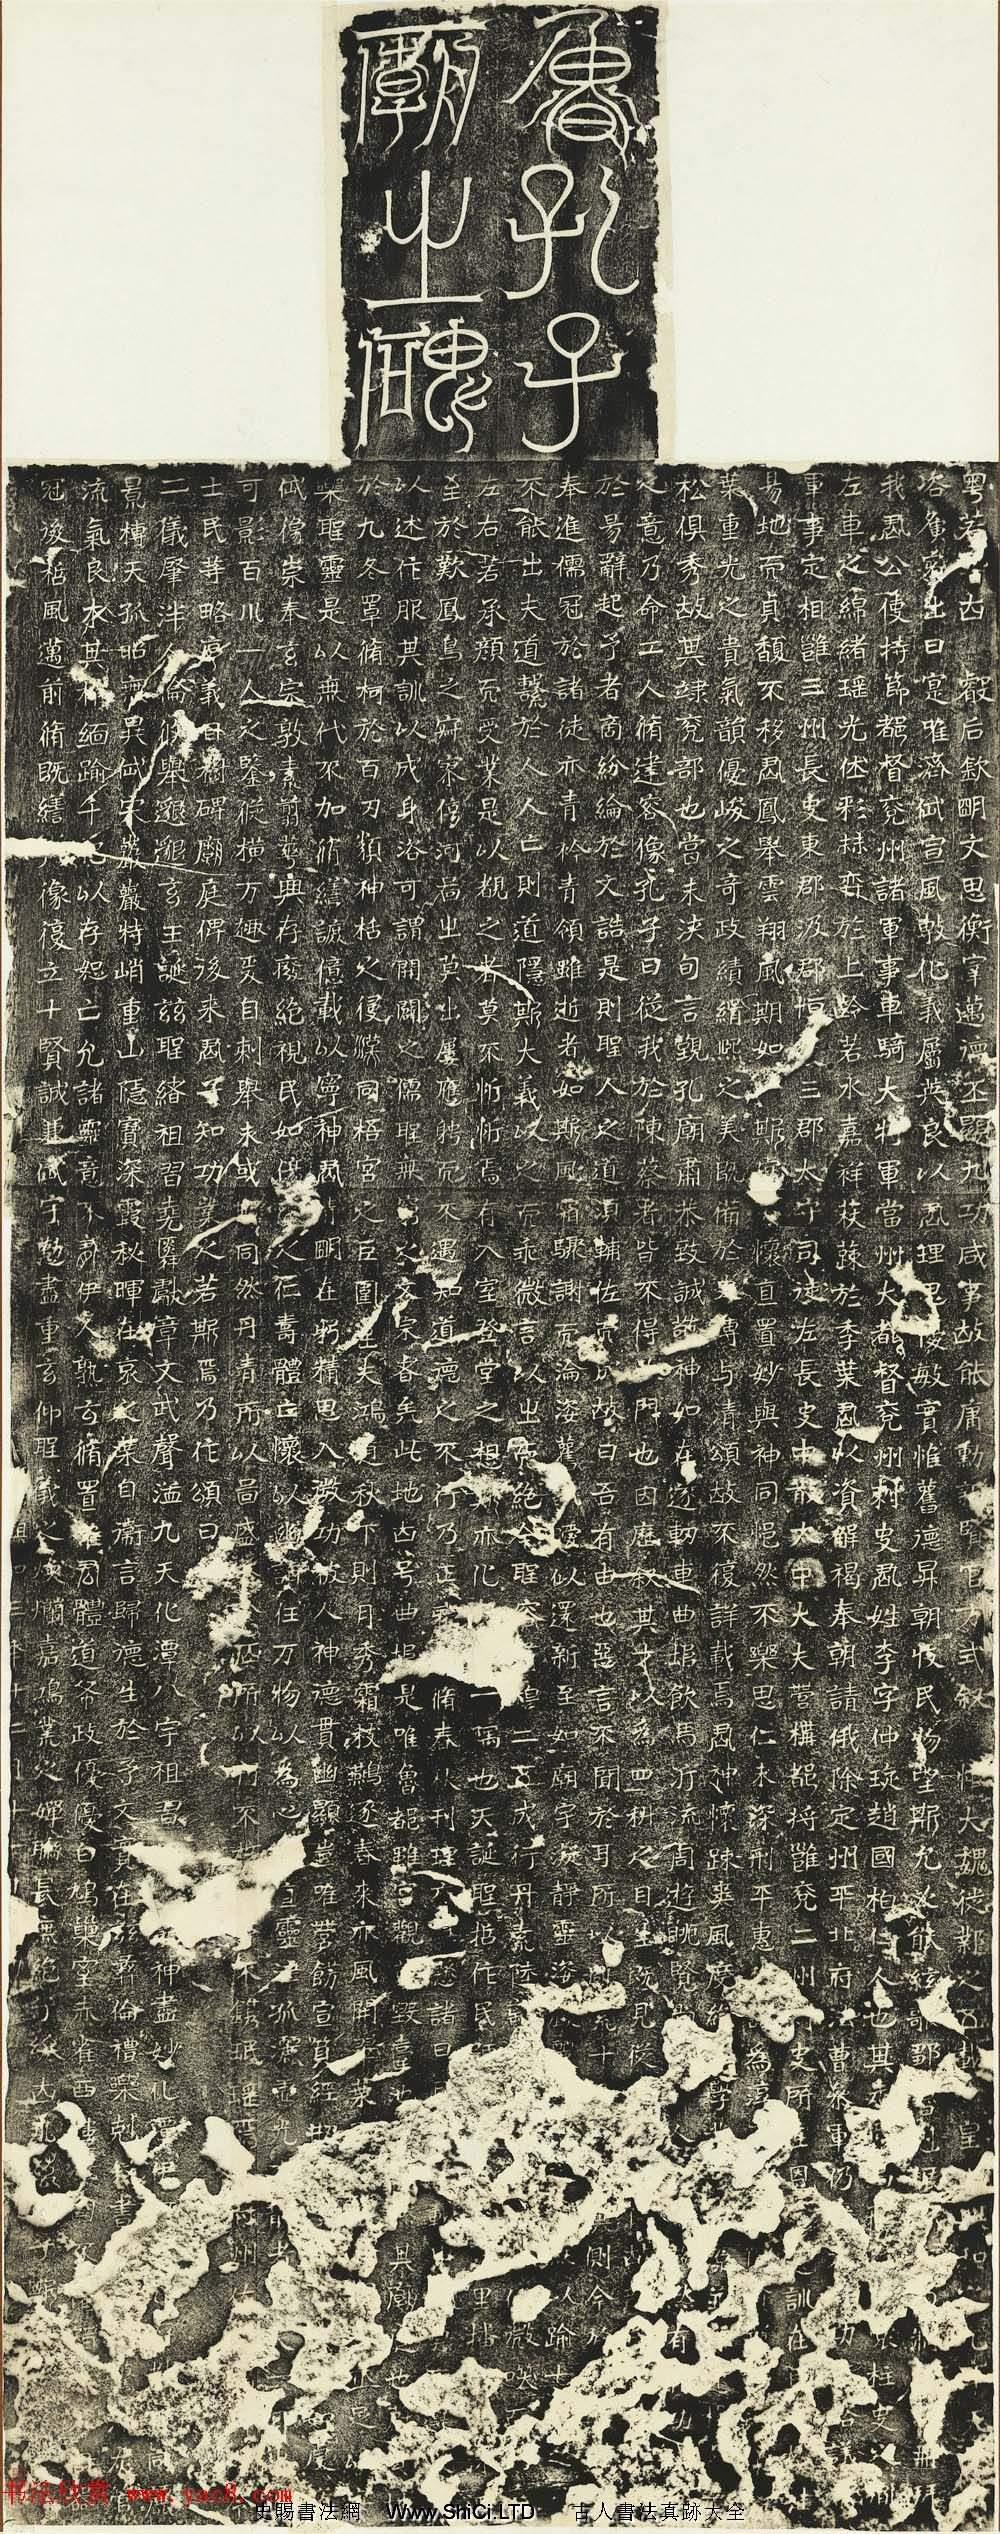 東魏書法刻本字帖《李仲璇修孔子廟碑》(共3張圖片)